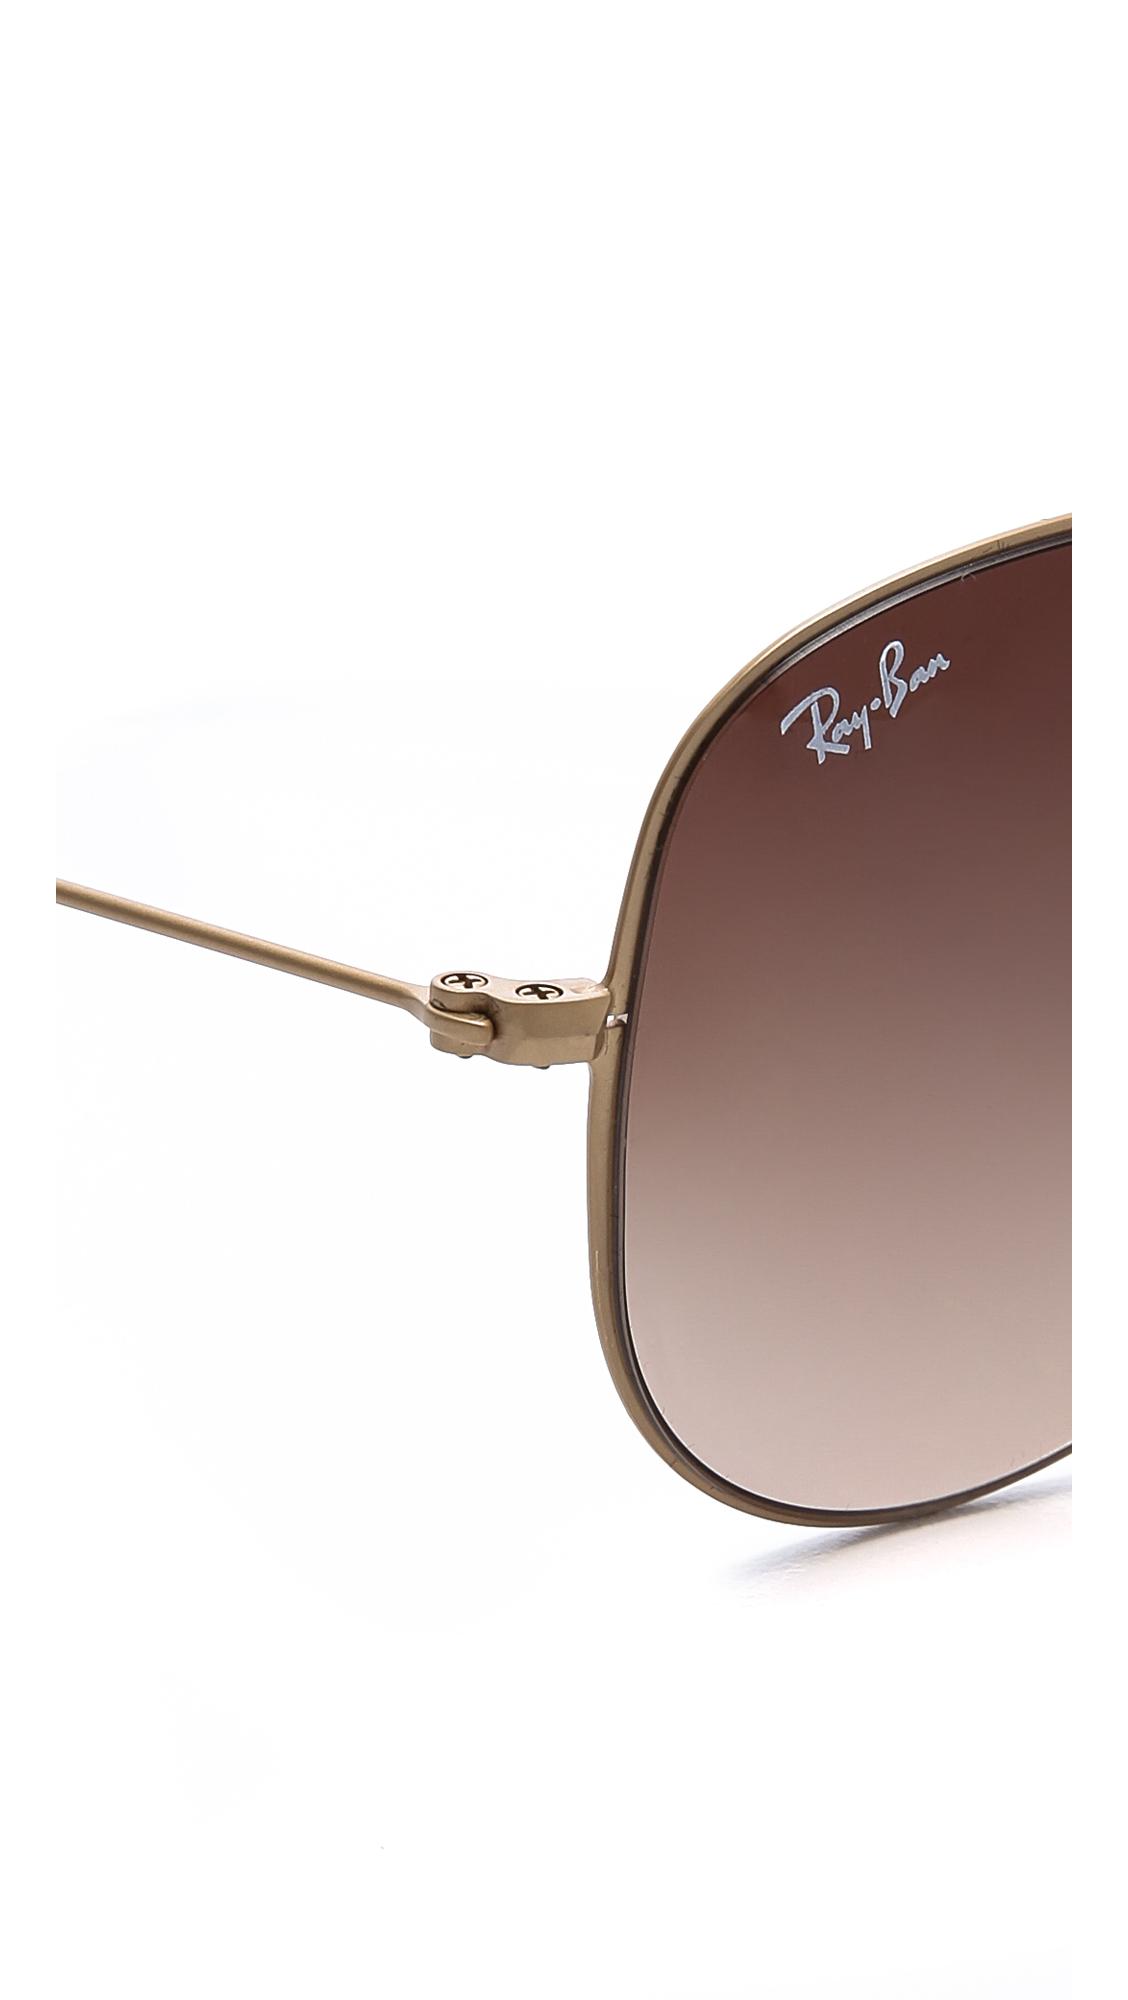 gold ray ban eyeglasses f0mw  ray ban highstreet aviator sunglasses ray ban highstreet aviator sunglasses